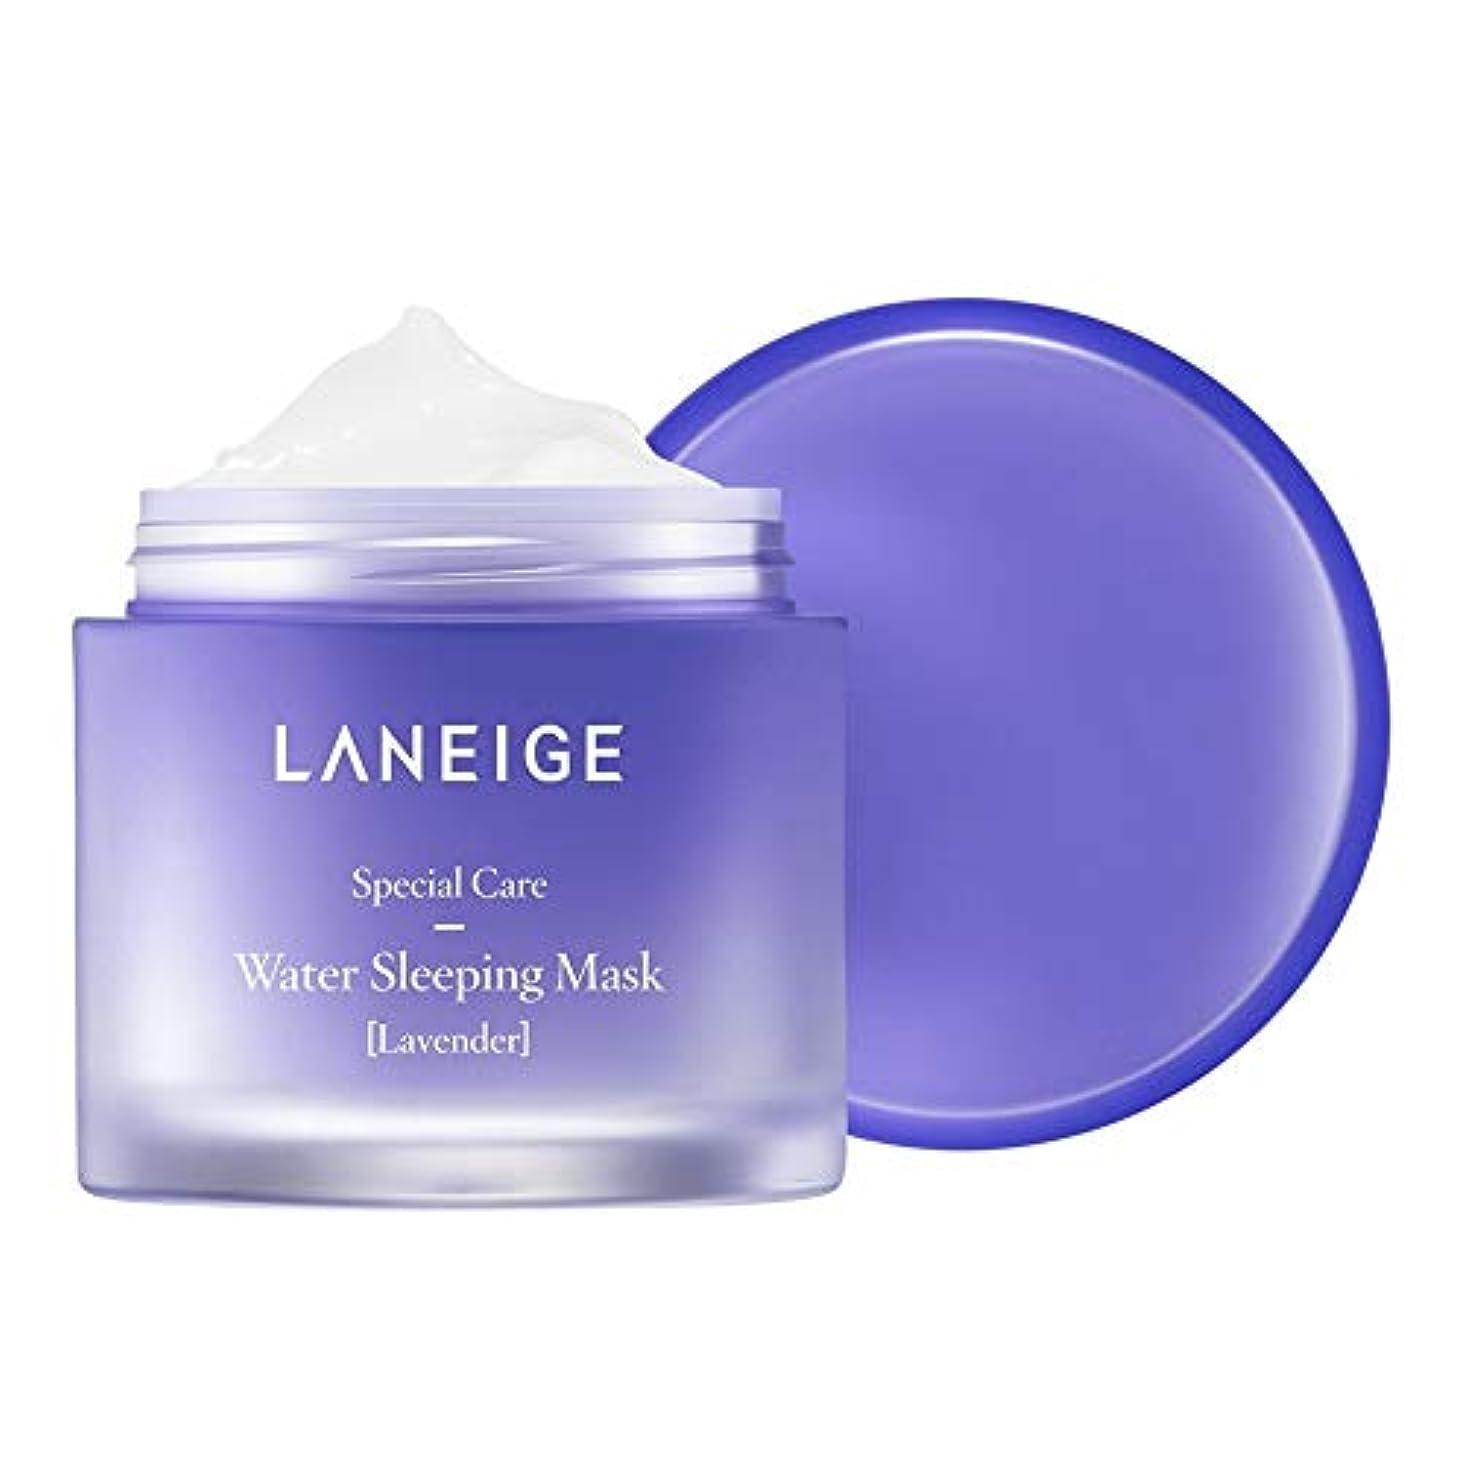 願う民兵所属LANEIGE ラネージュ ウォータースリーピング マスク ラベンダー2017 New リフィルミーバージョン 70ml Water Sleeping Mask 2017 Lavender [海外直送品]